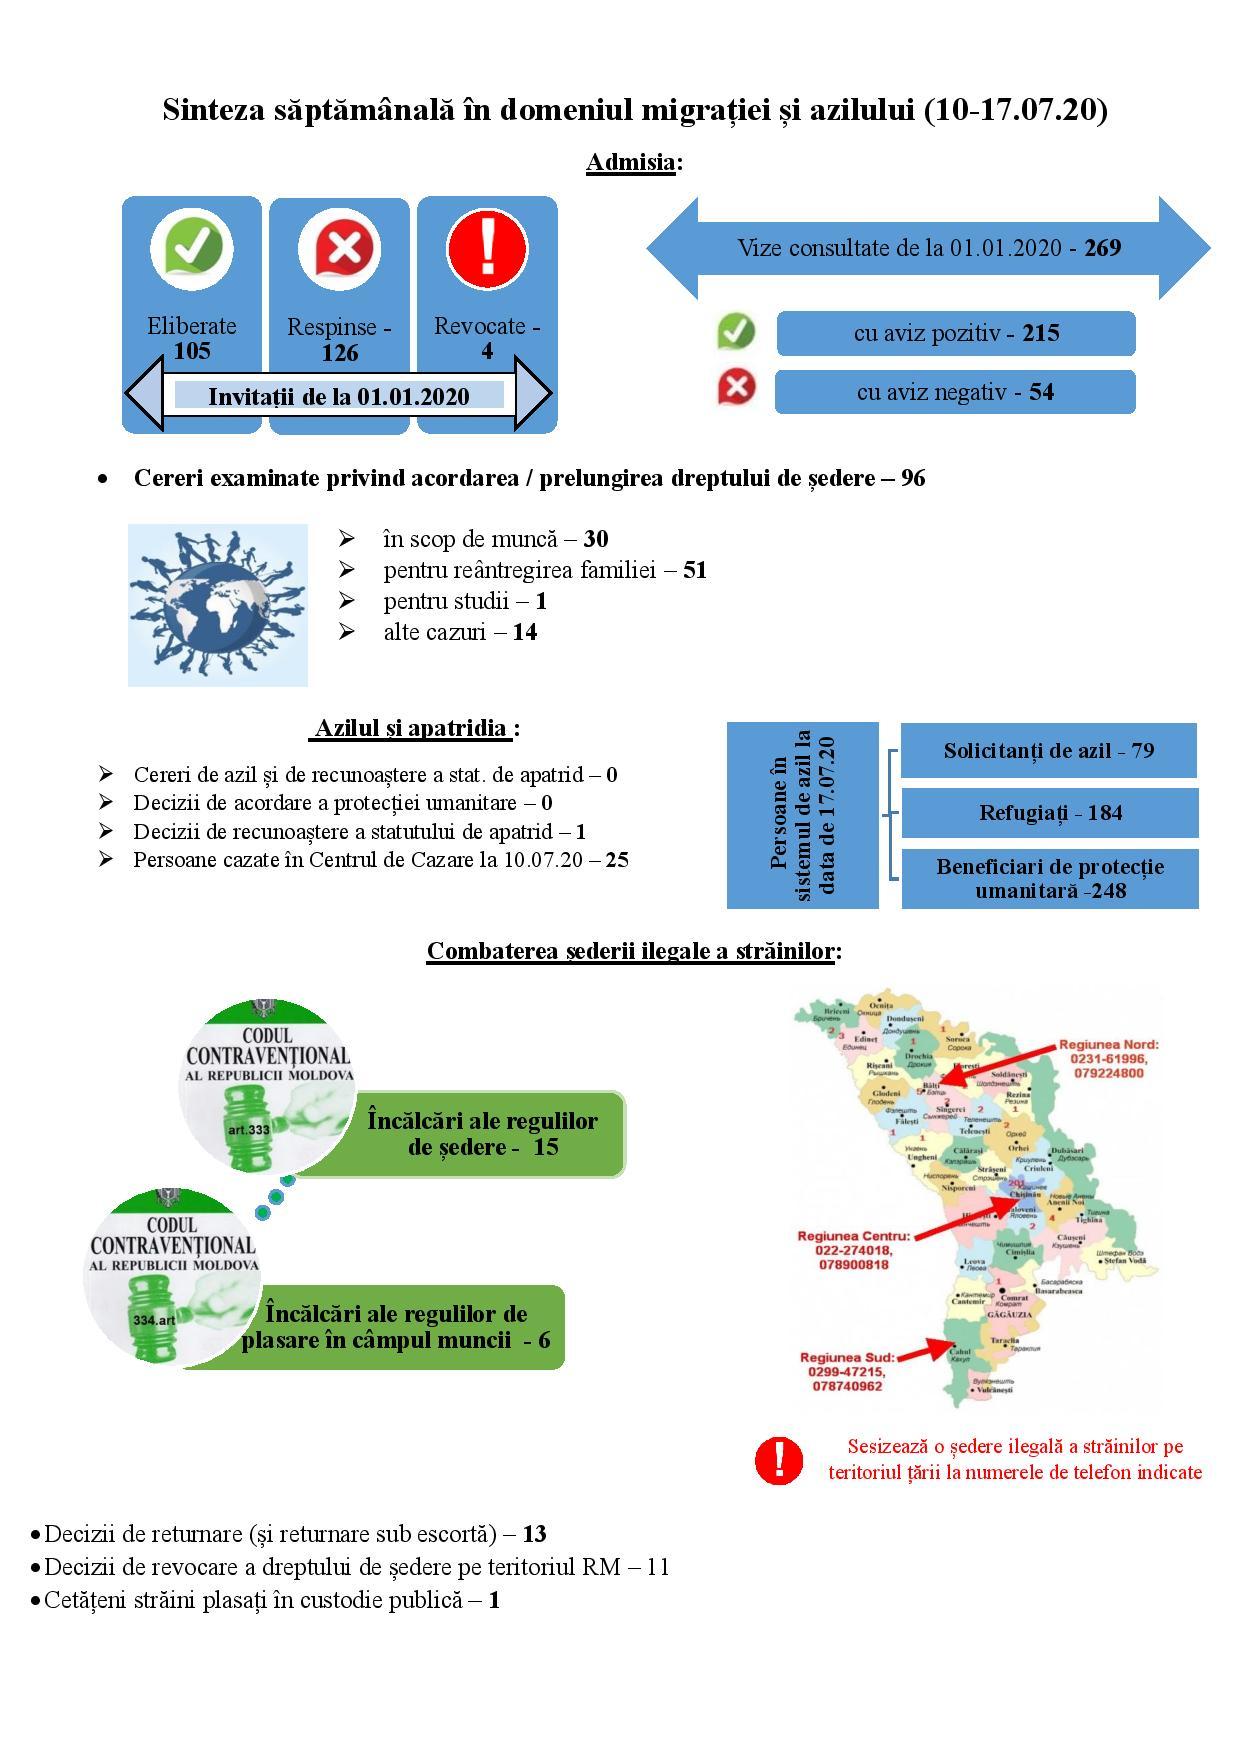 Sinteza saptamânală în domeniul migratiei și azilului 10-17.07.2020